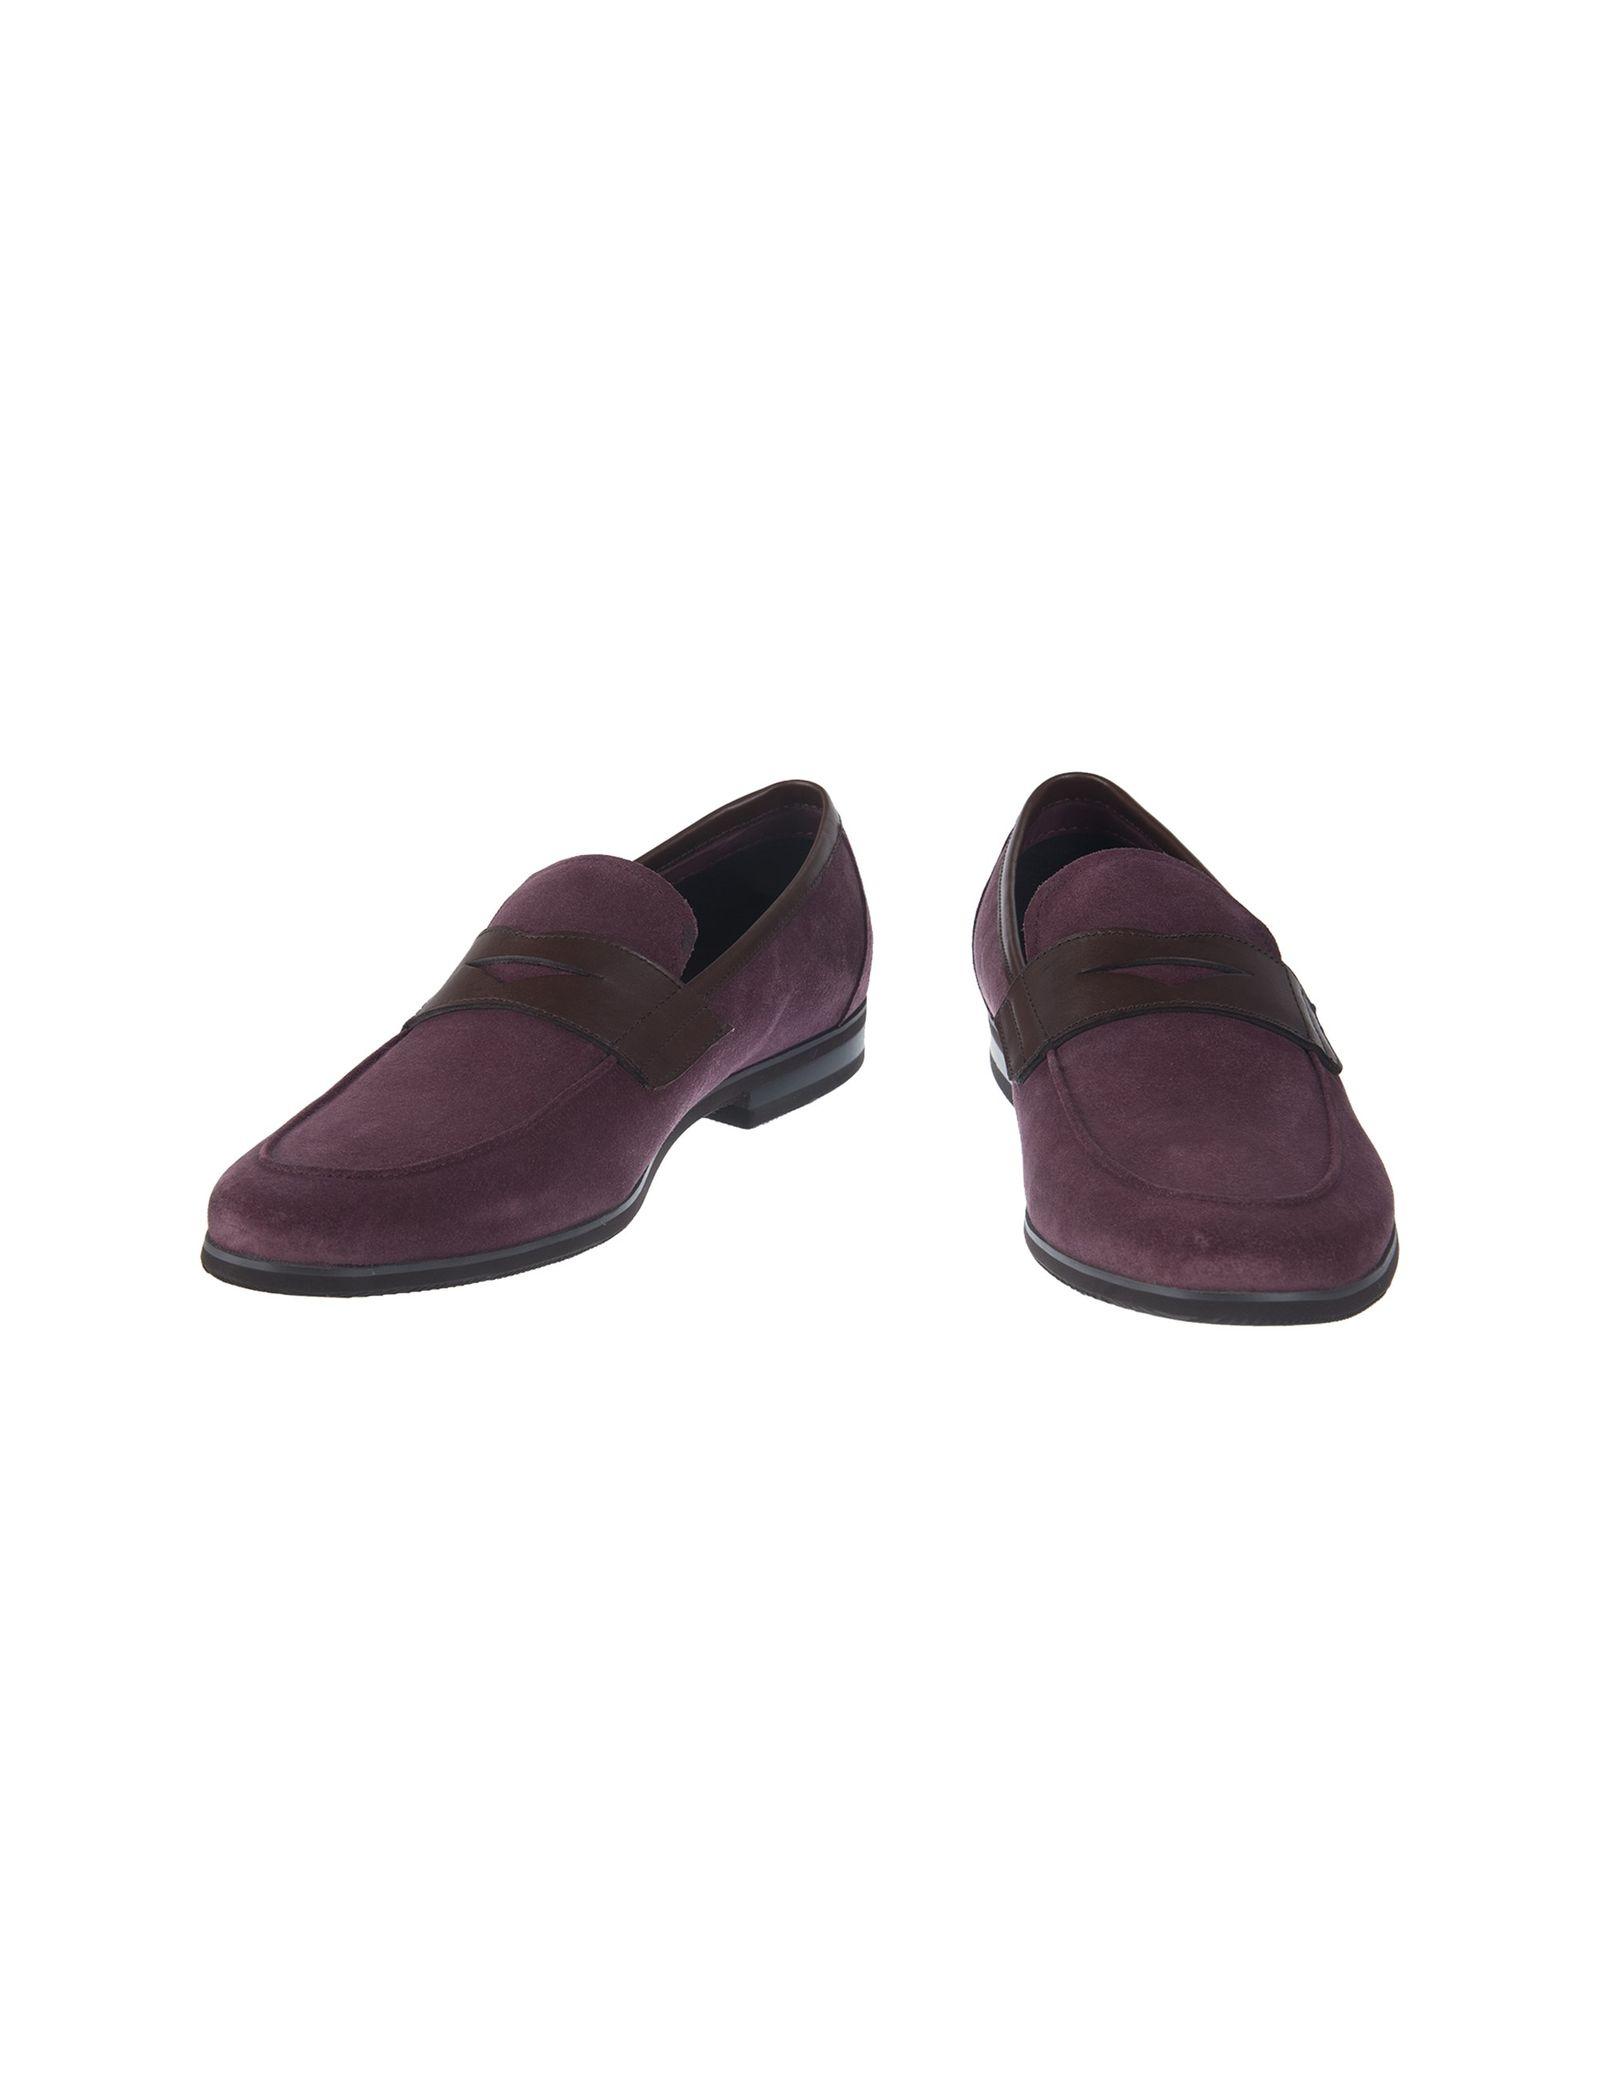 کفش چرم راحتی مردانه - بالدی - زرشکي - 2